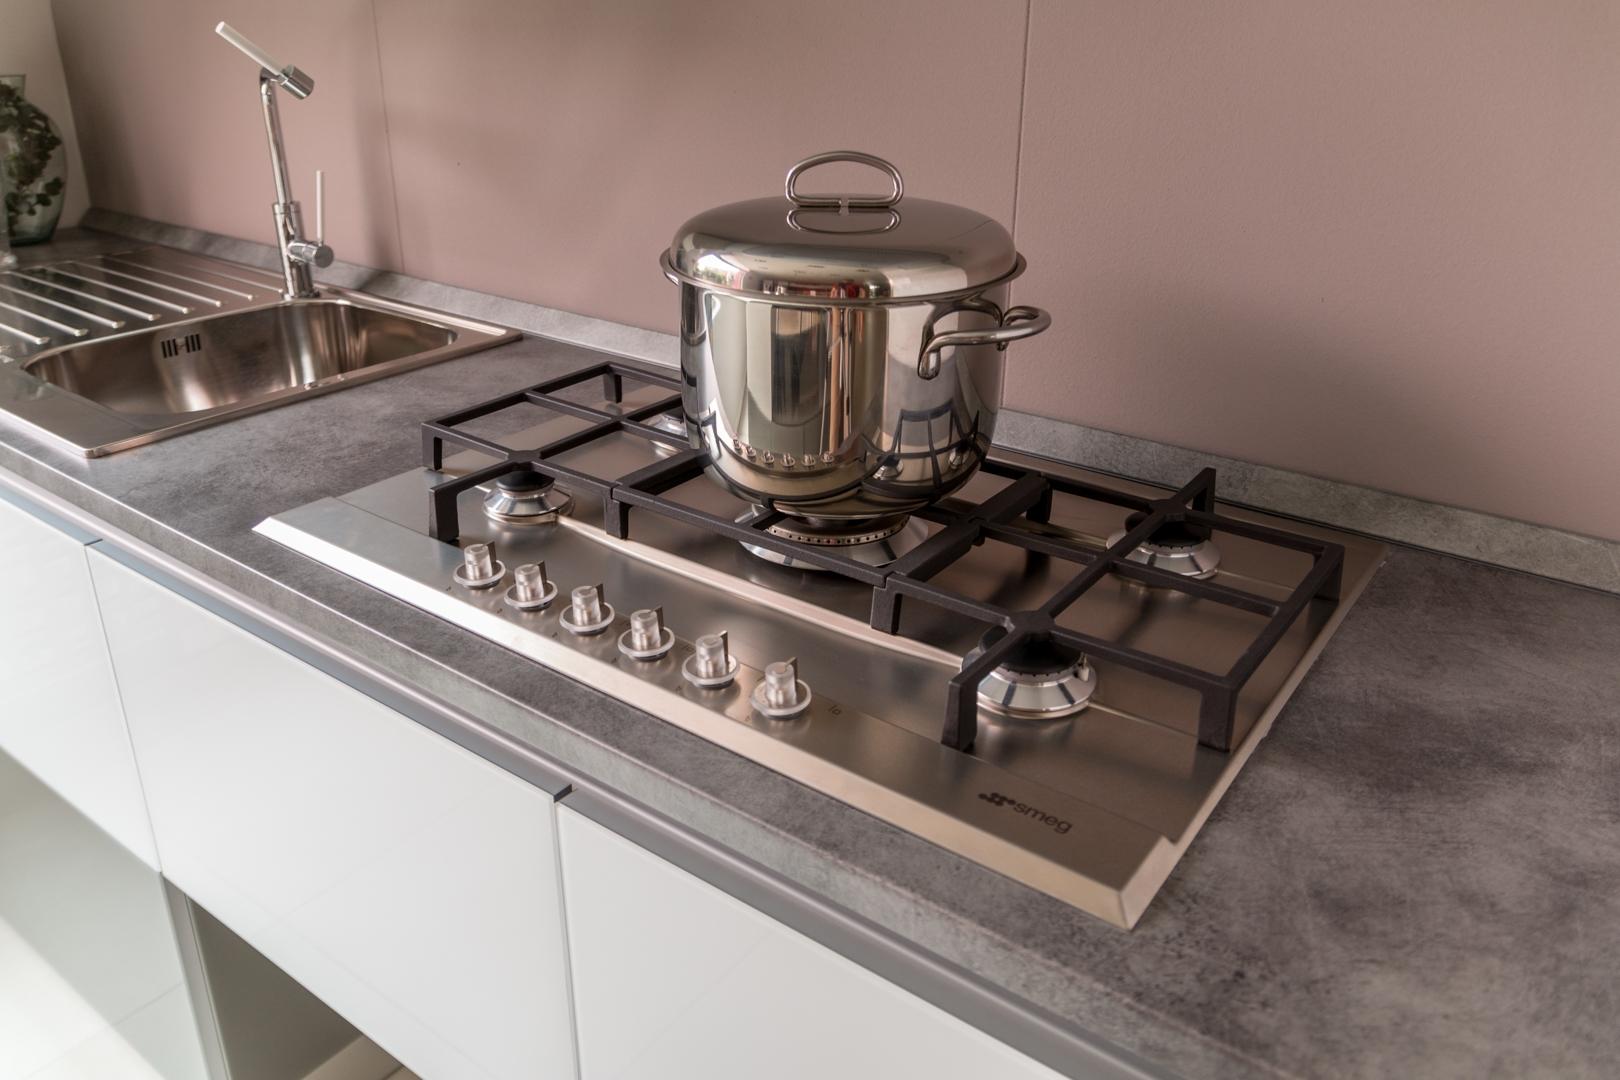 Cucine Scavolini Scontate : Cucina con isola scavolini modello tetrix scontata del